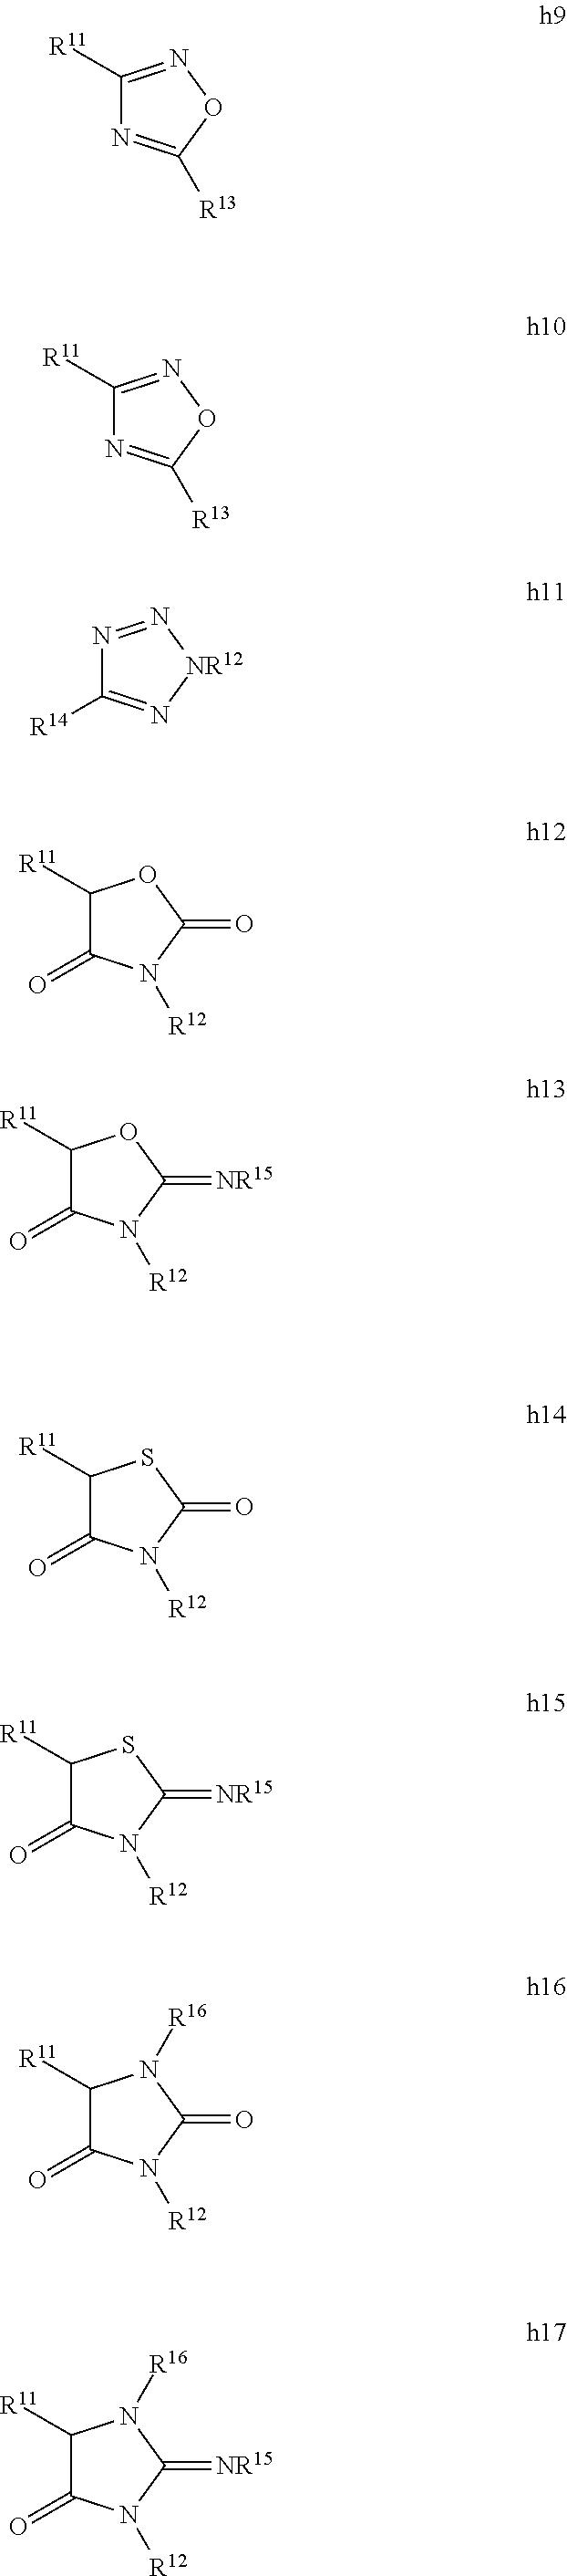 Figure US09169214-20151027-C00003